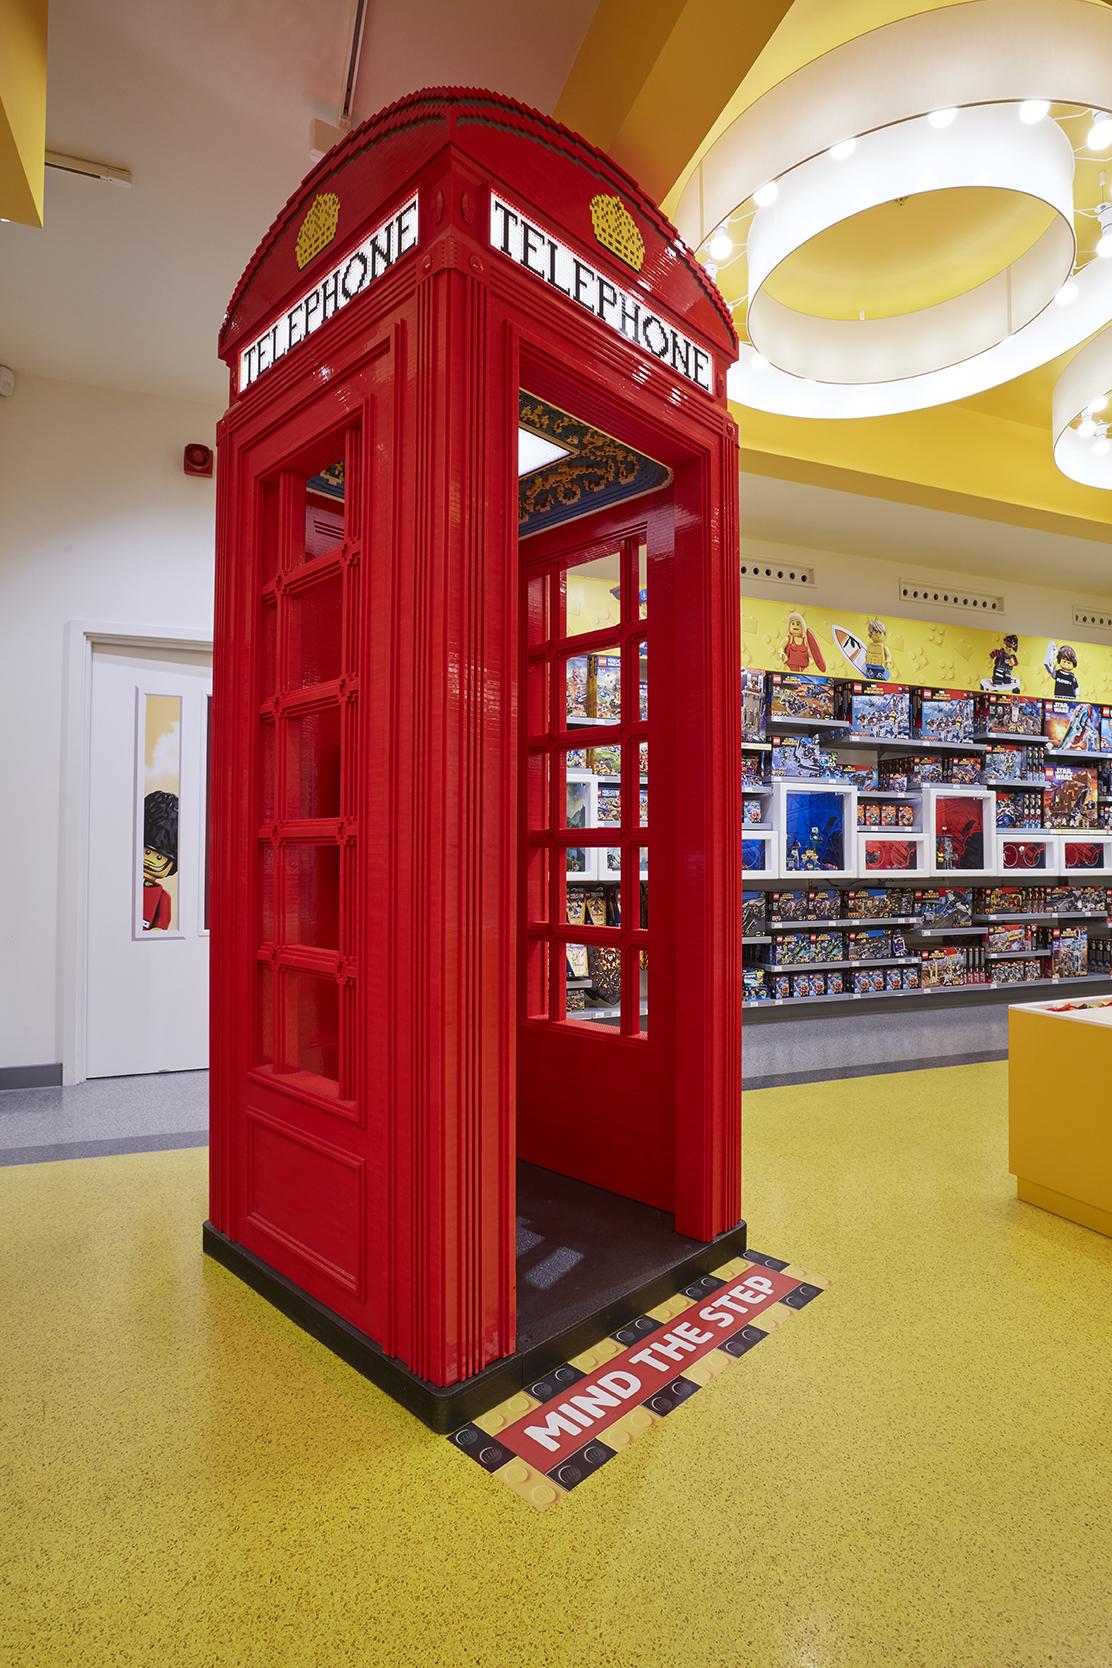 LEGO telephone box with vinyl on the floor